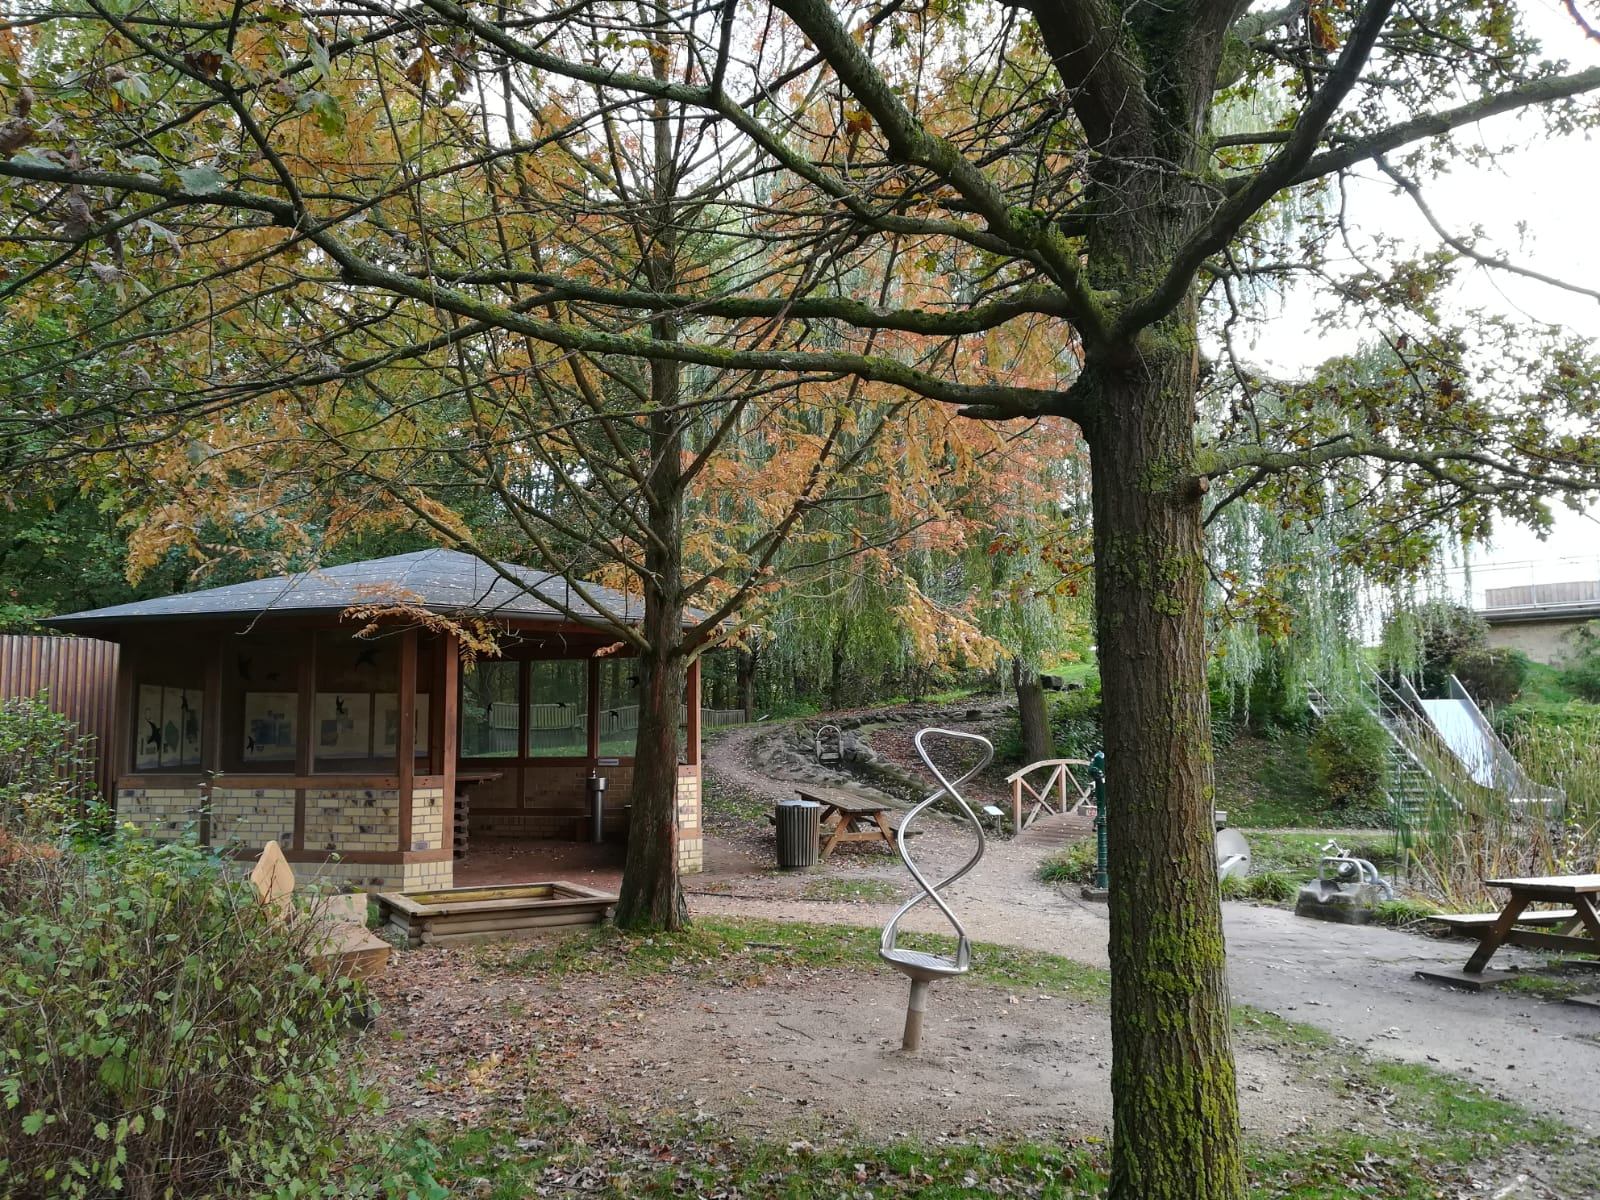 Anlage im Wasser + mehr Erlebnispark